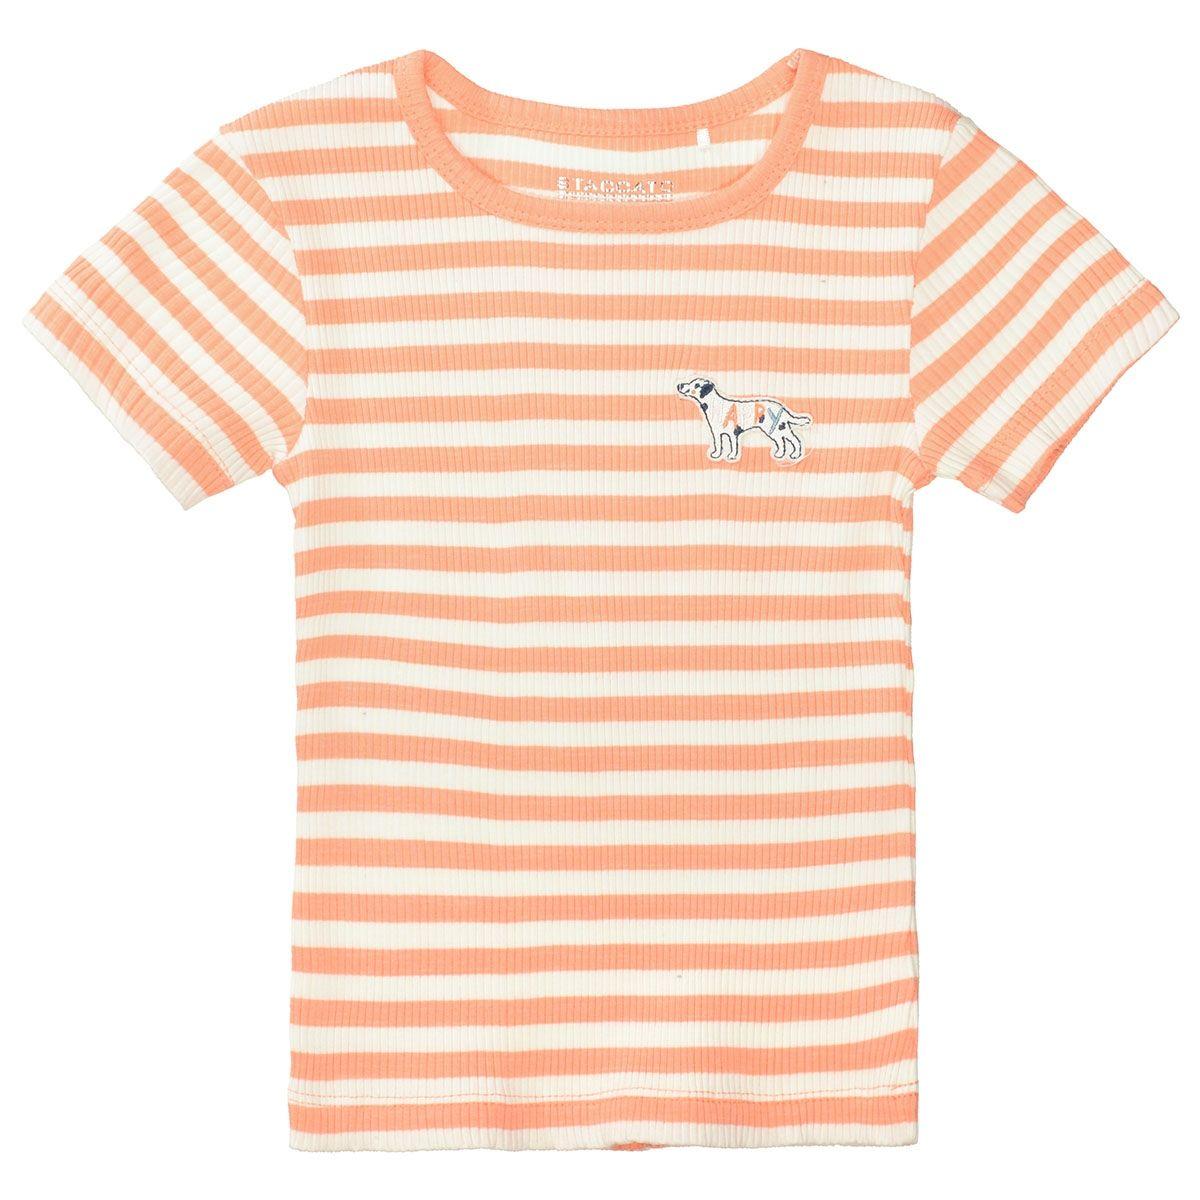 T-Shirt im Streifen-Design - Light Orange